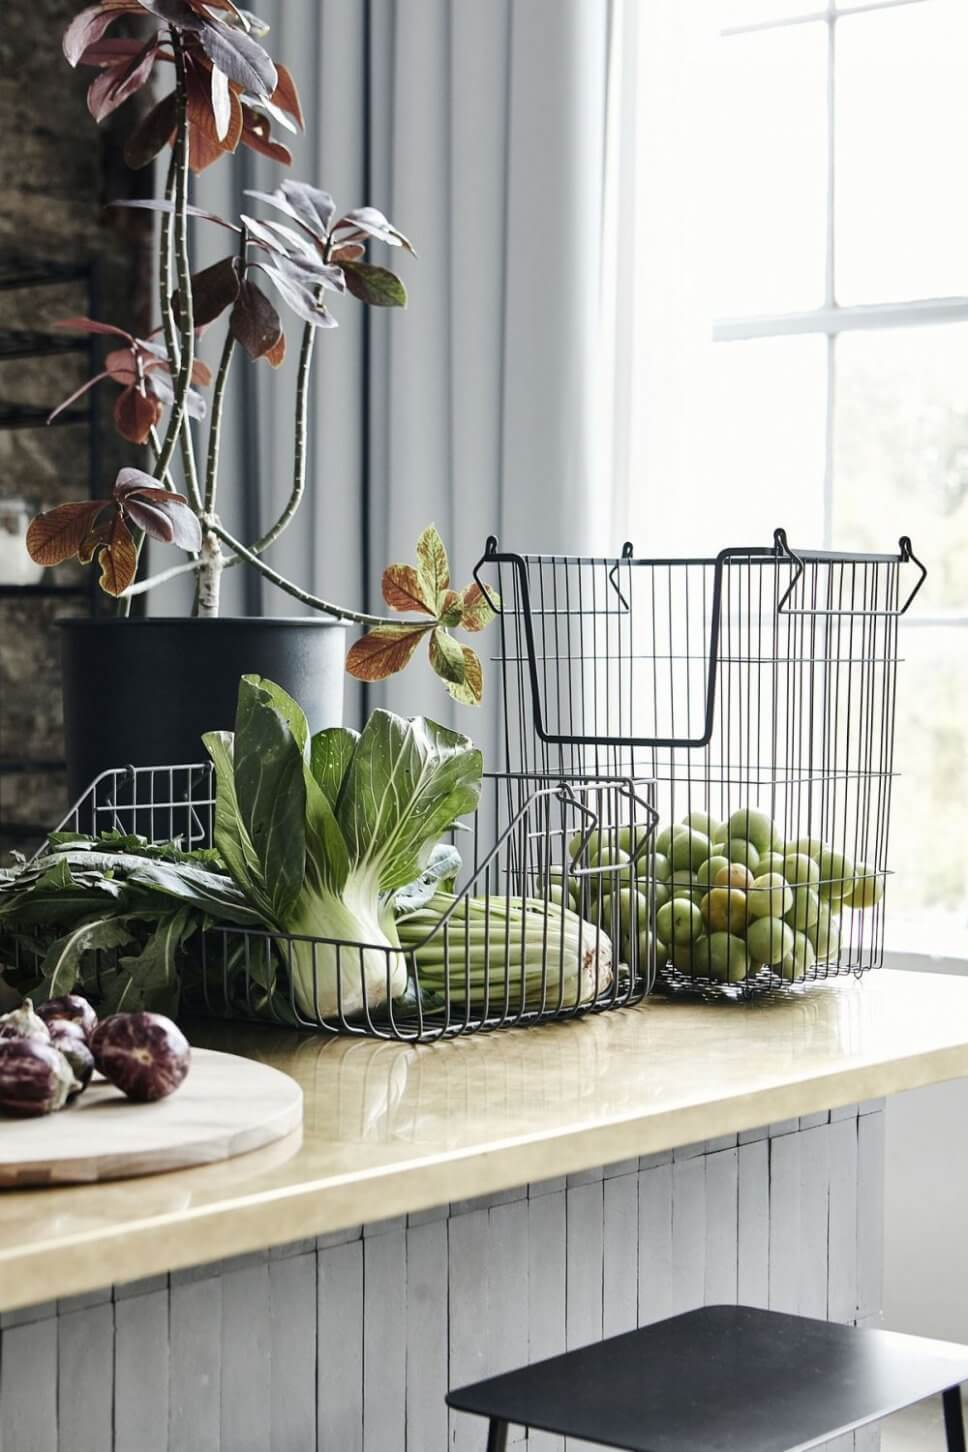 Gemüse und Obst in Drahtkörben auf Küchentresen